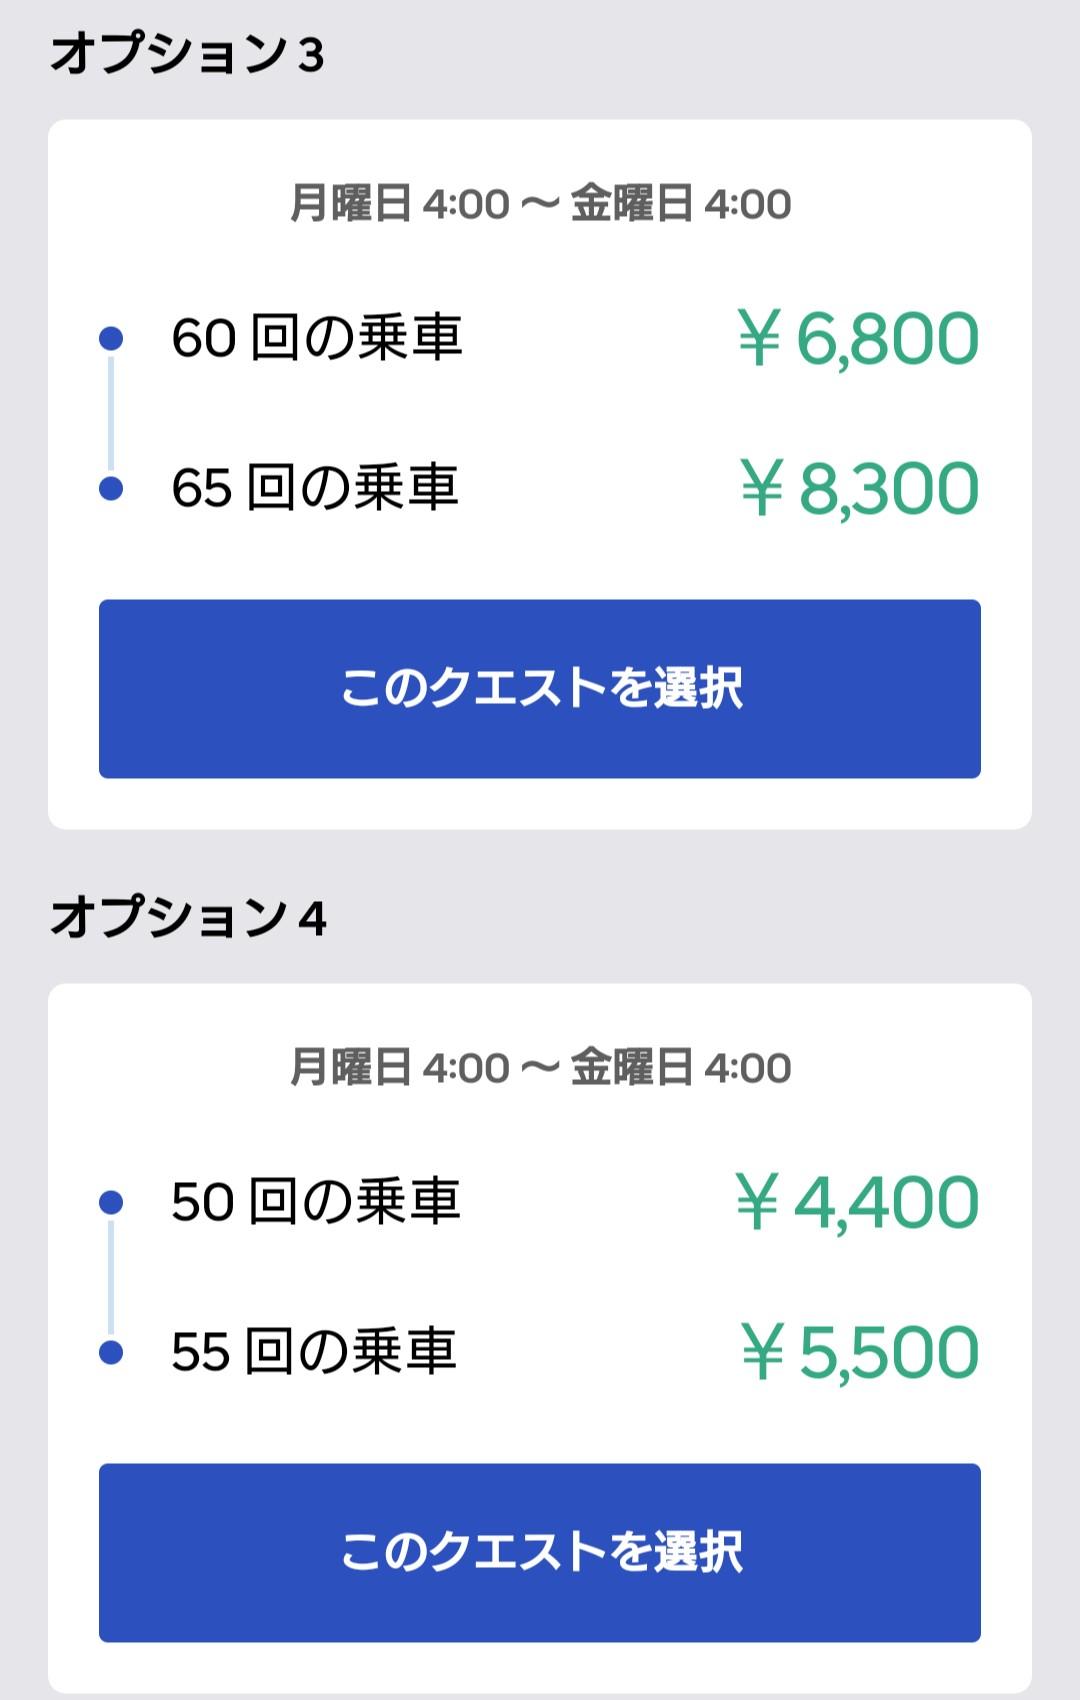 60件から65件UberEats料金改定前のクエスト